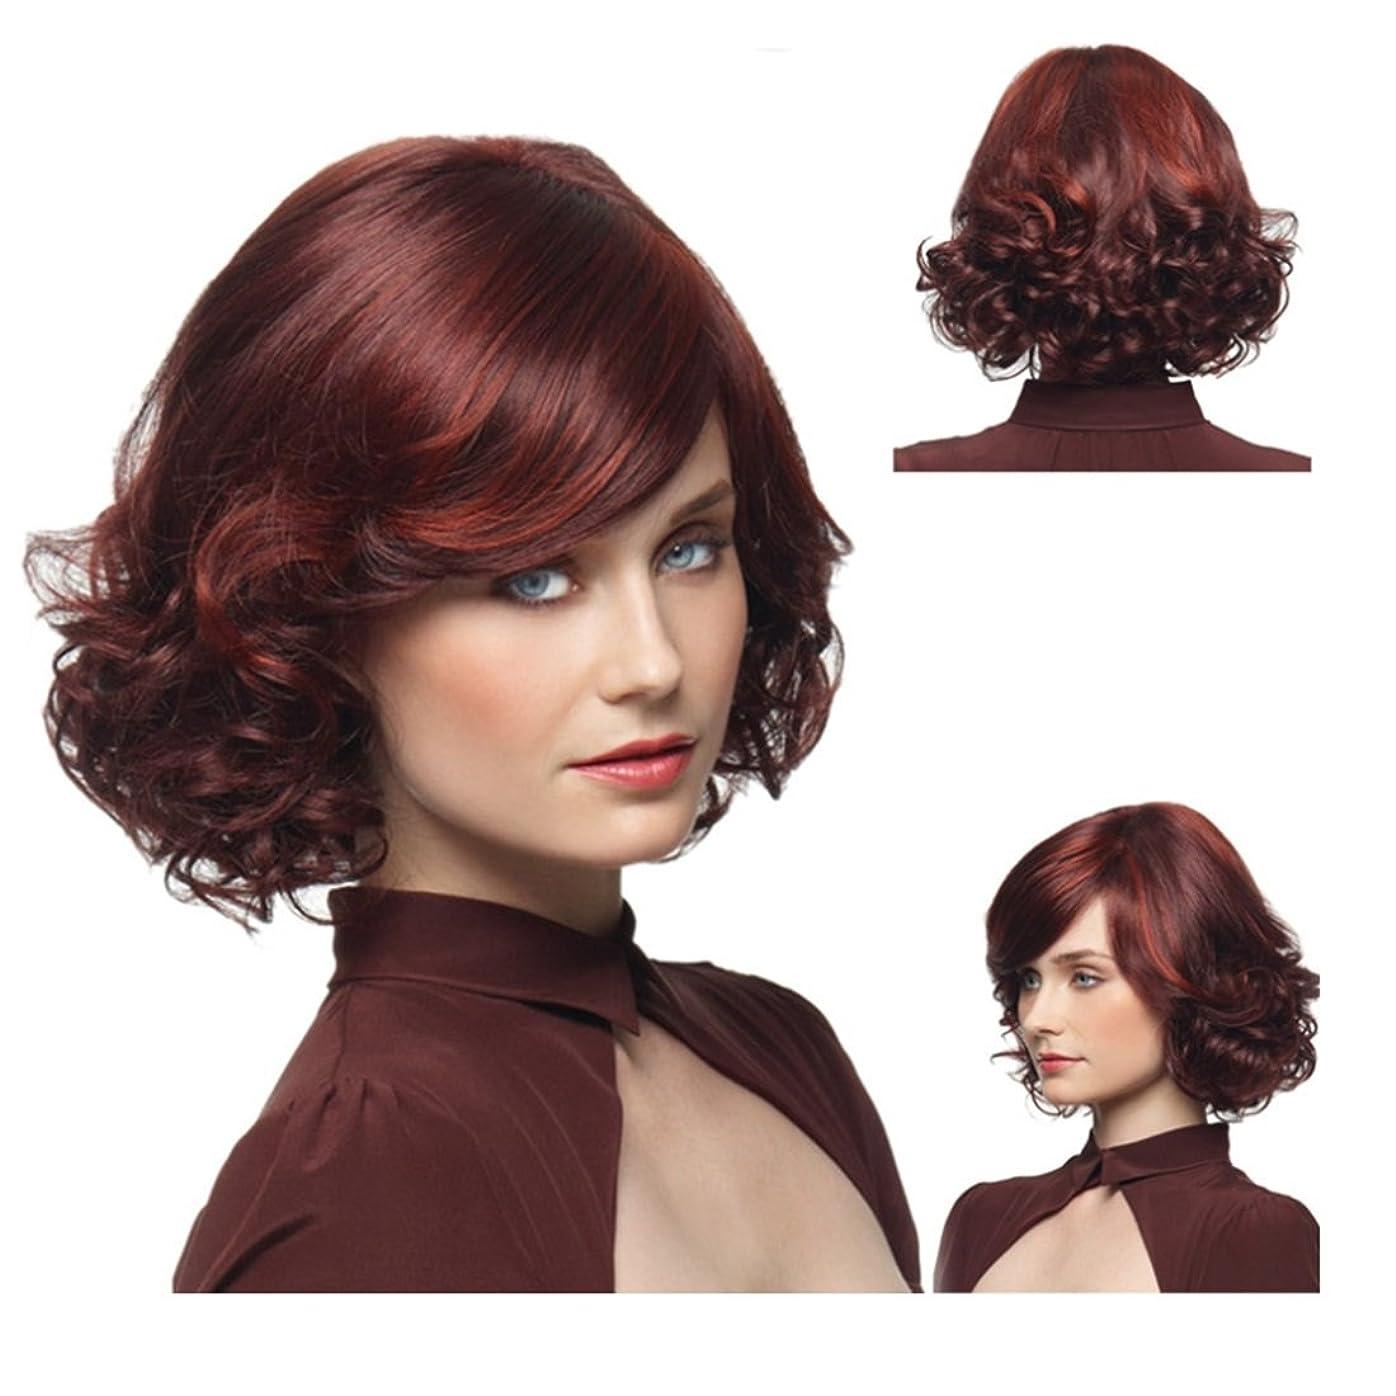 料理現れる断片Doyvanntgo 女性のための空気卵ロール斜めバンズウィッグ耐熱髪25cm / 220g(ワインレッド)女性のための短いショートカーリーウィッグ (Color : Wine red)